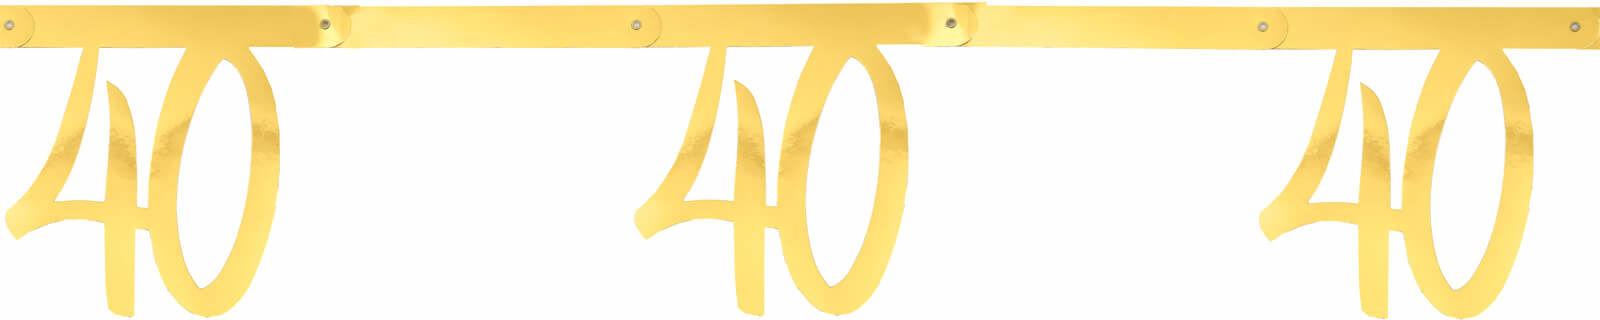 Girlanda na czterdzieste urodziny złota - 250 cm - 1 szt.